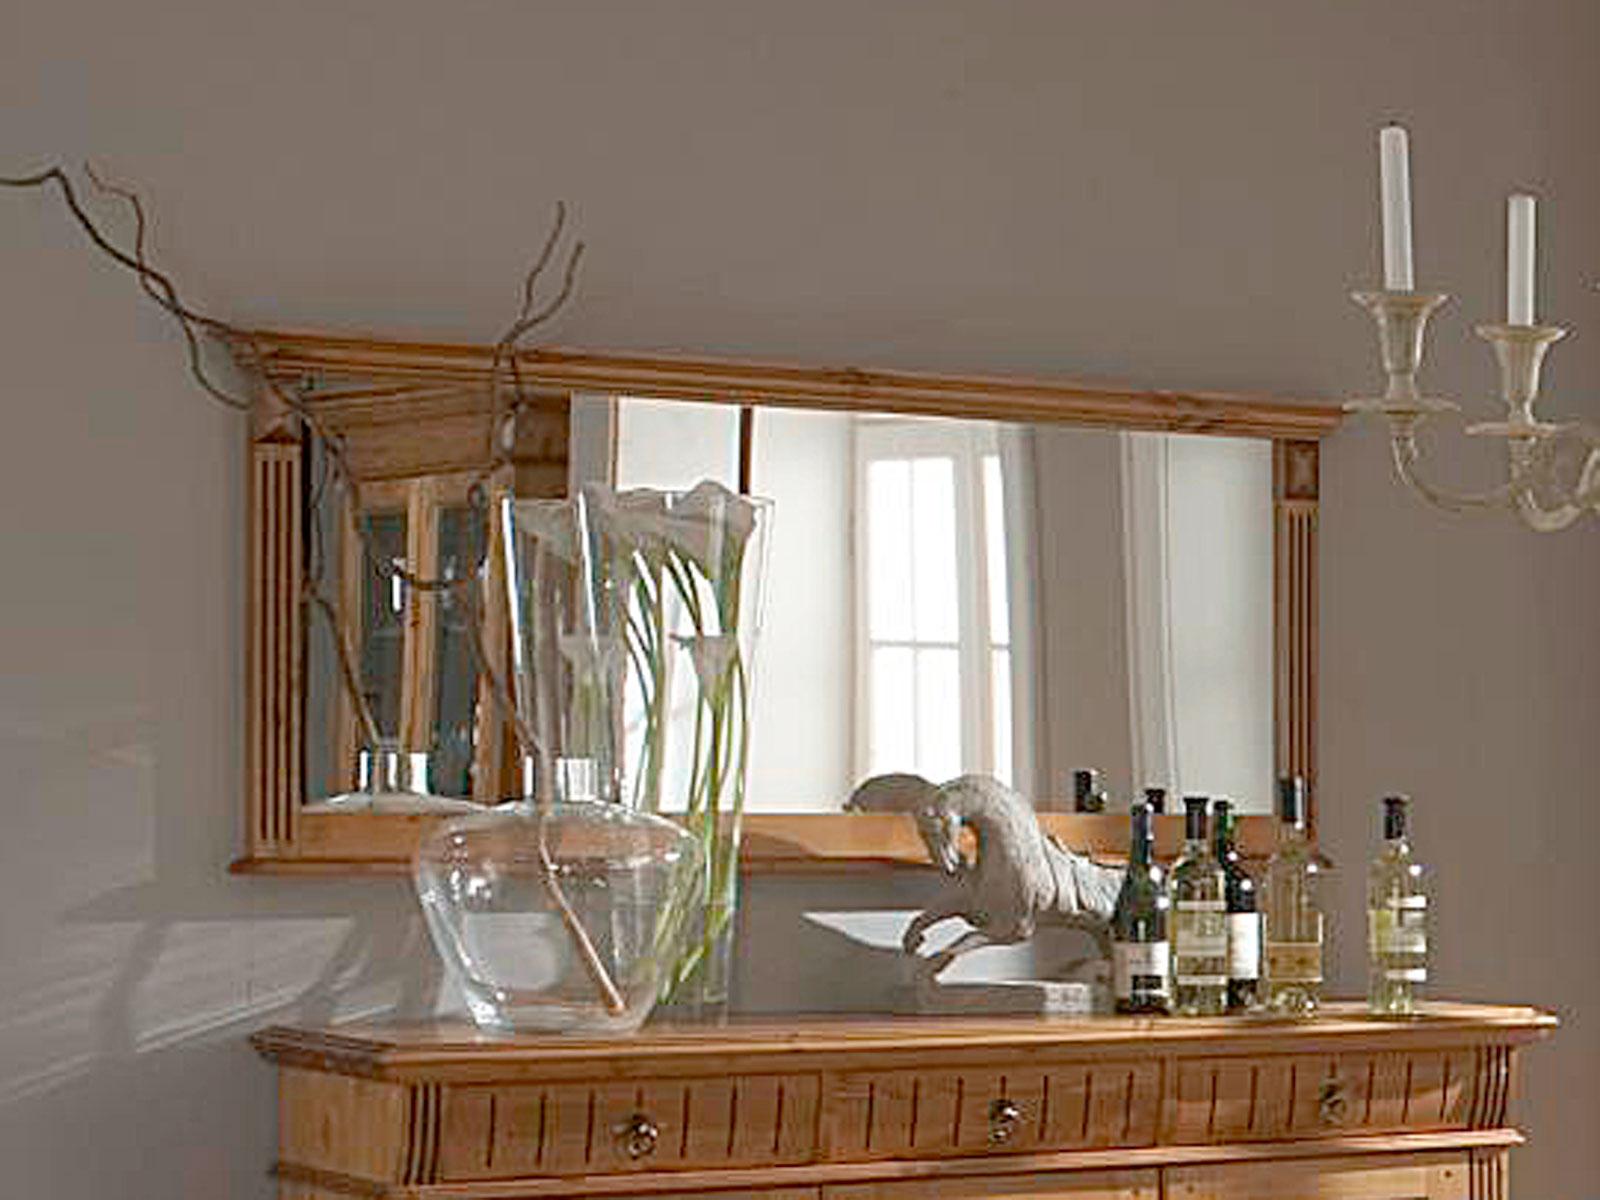 Wandspiegel Esszimmer-Spiegel Florenz 8 x 8 cm Pinie Nordica massiv  sierra